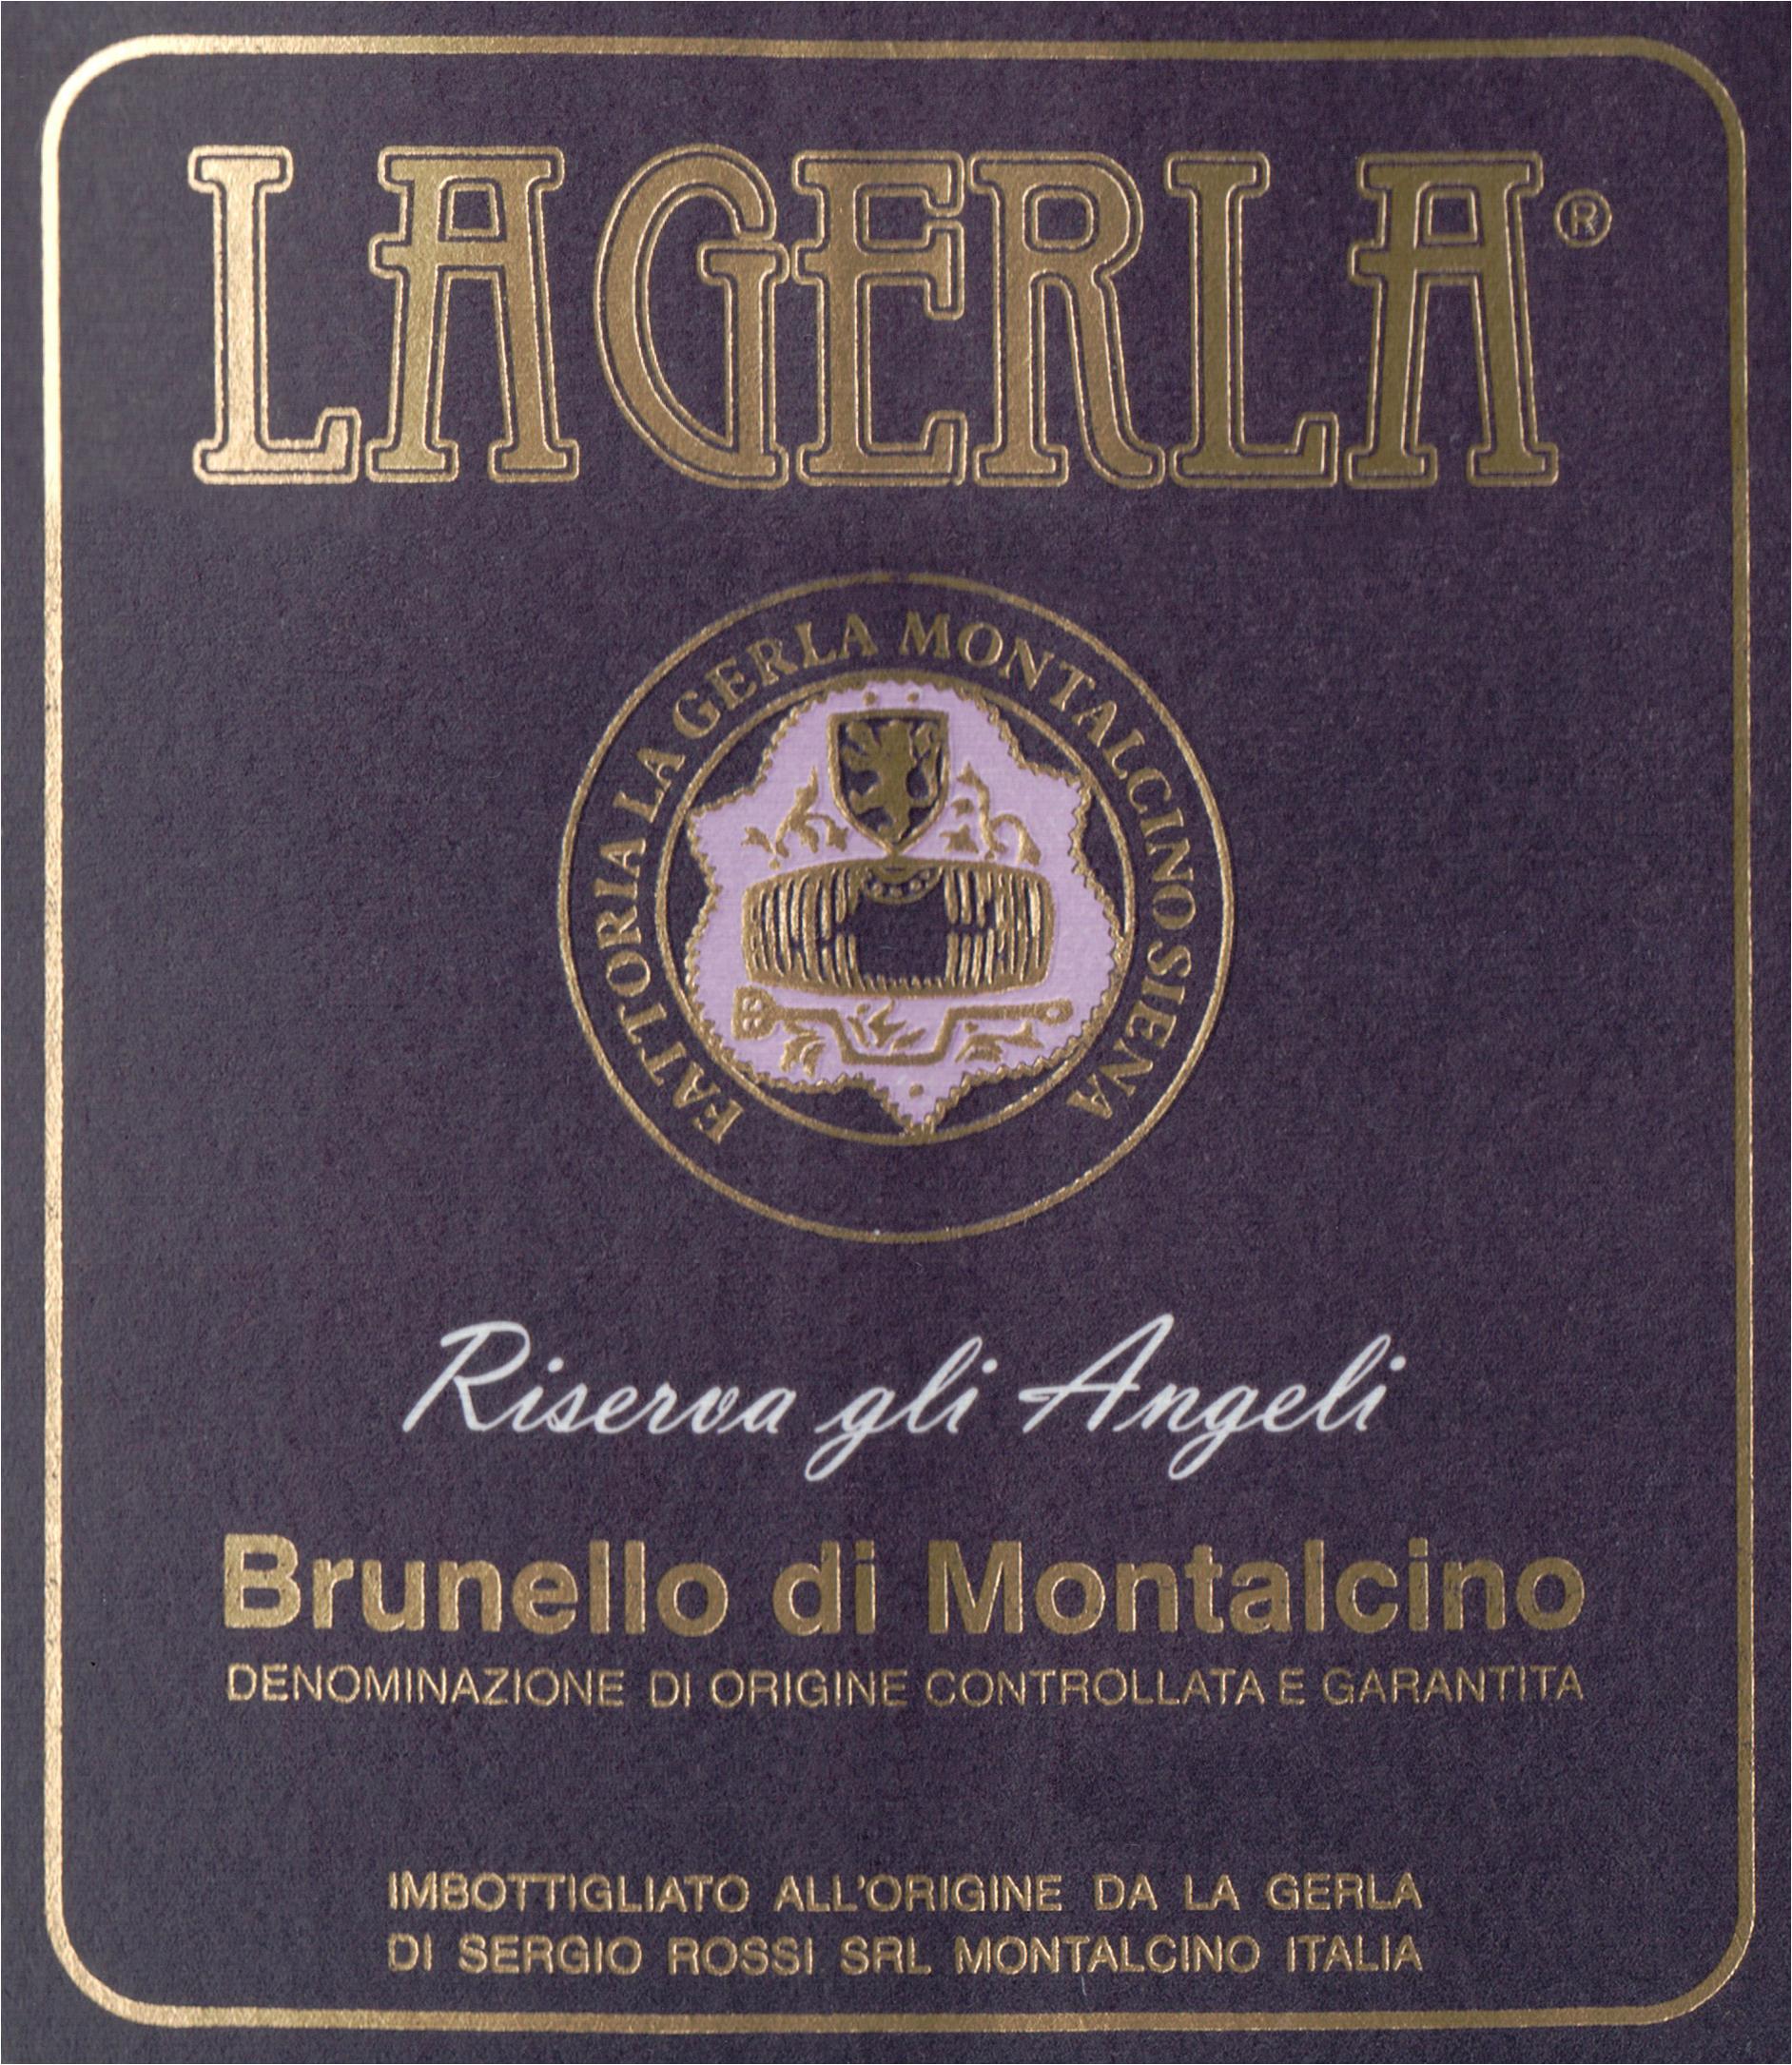 La Gerla Brunello Di Montalcino Riserva Angeli 2011